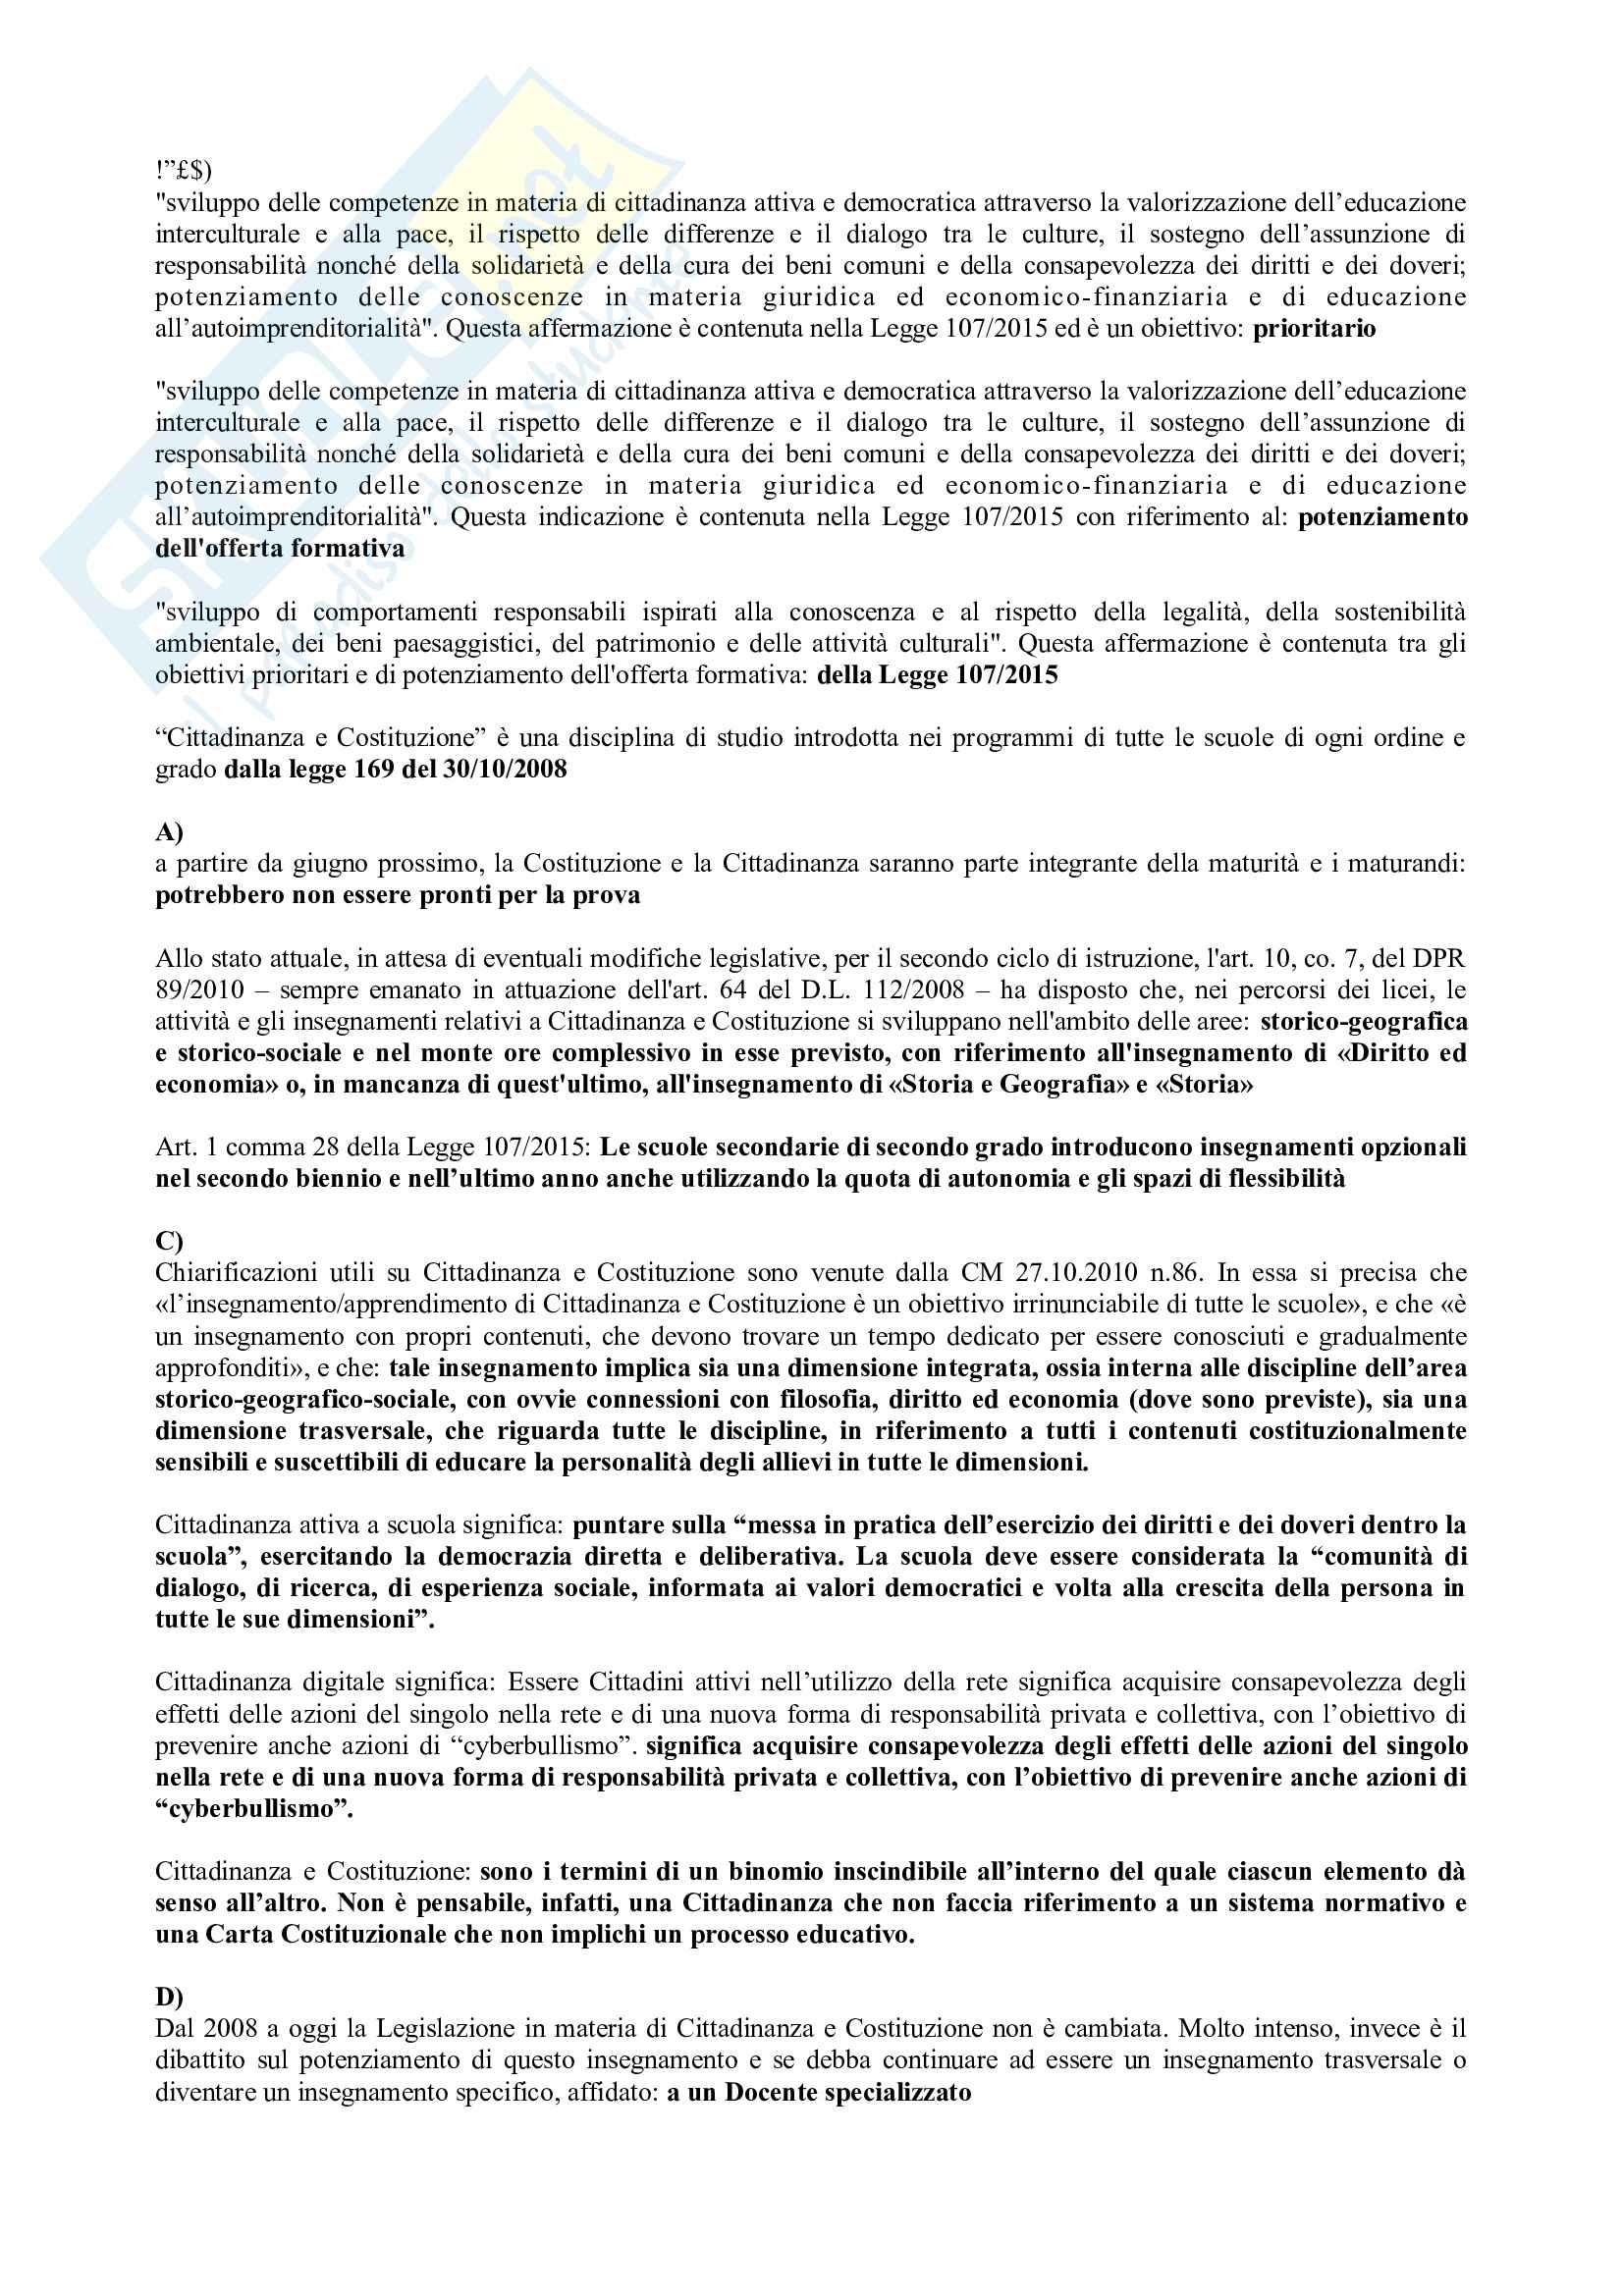 Paniere Compilato di Diritto Pubblico 2 - prof. De Sanctis - con domande in ordine alfabetico